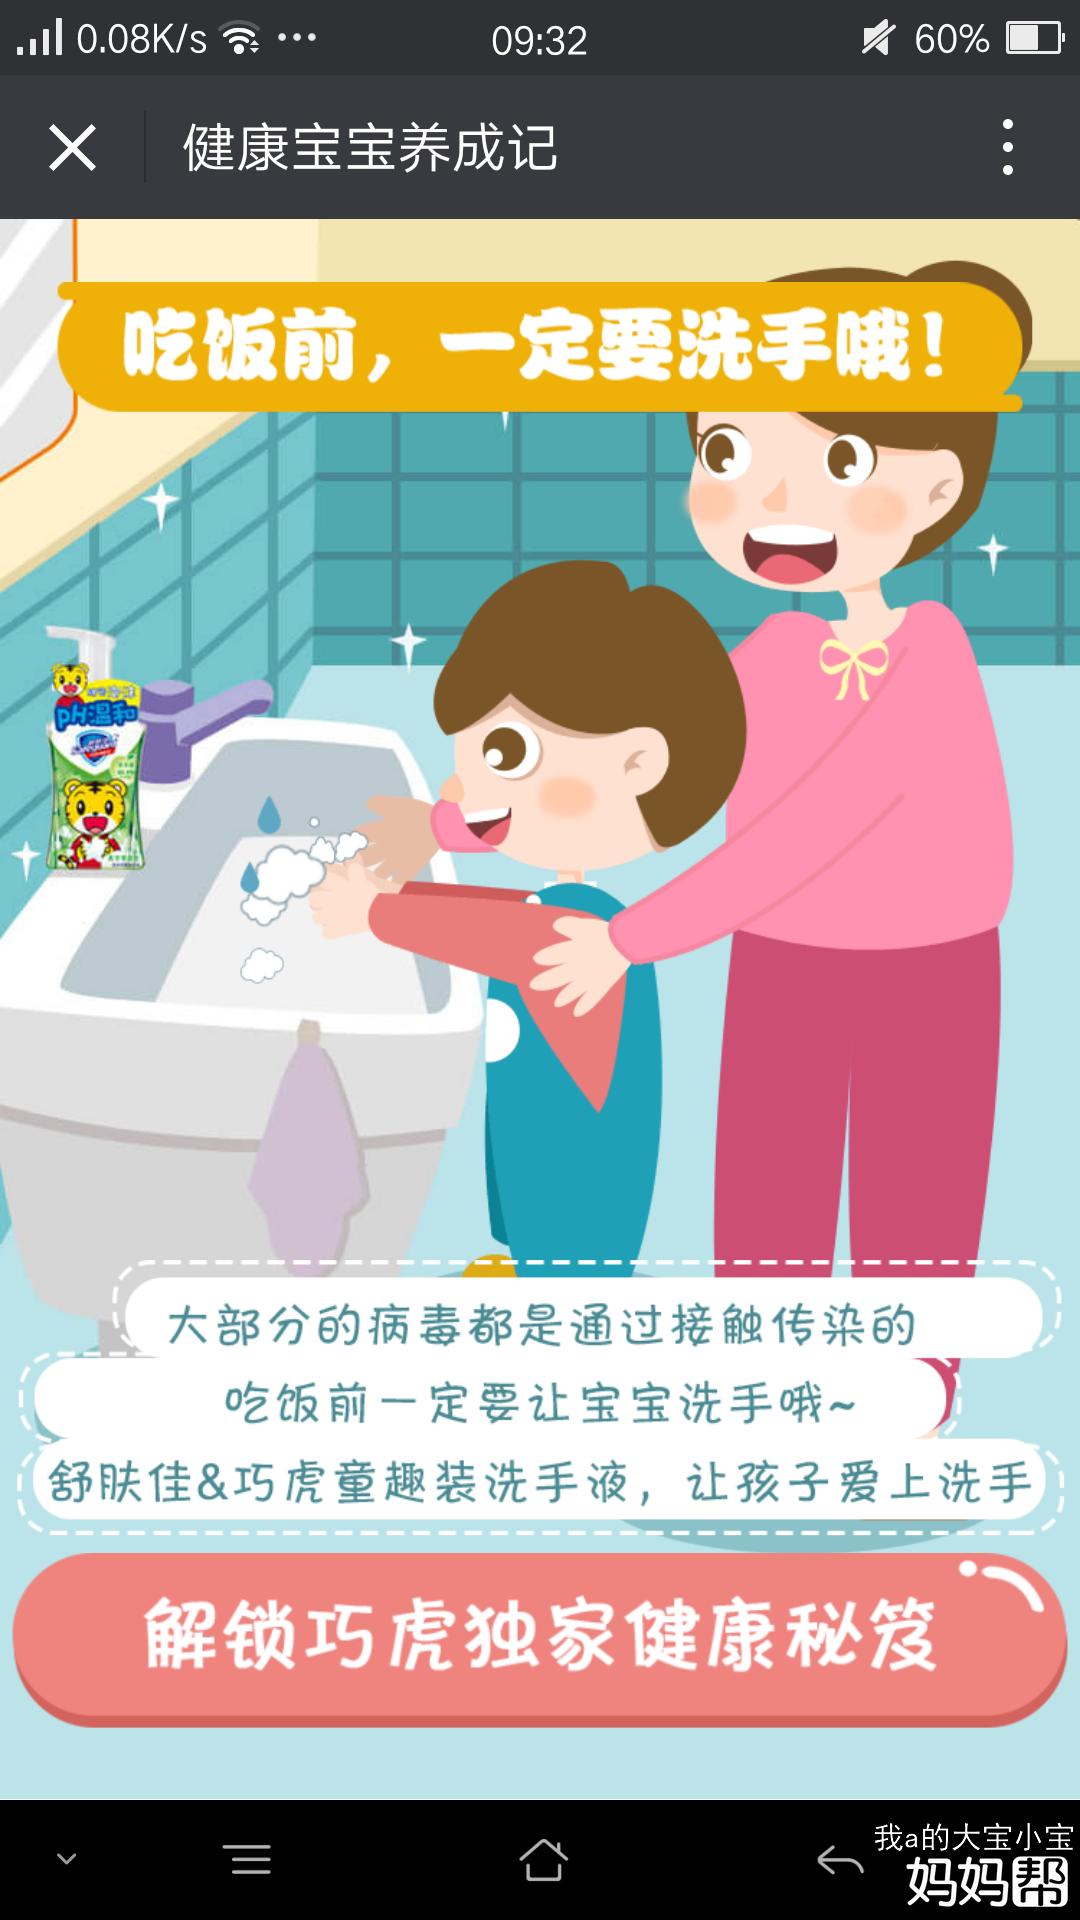 然后吃饭,每次我都是告诉宝宝洗手很重要,饭前便后要洗手,小手洗净不